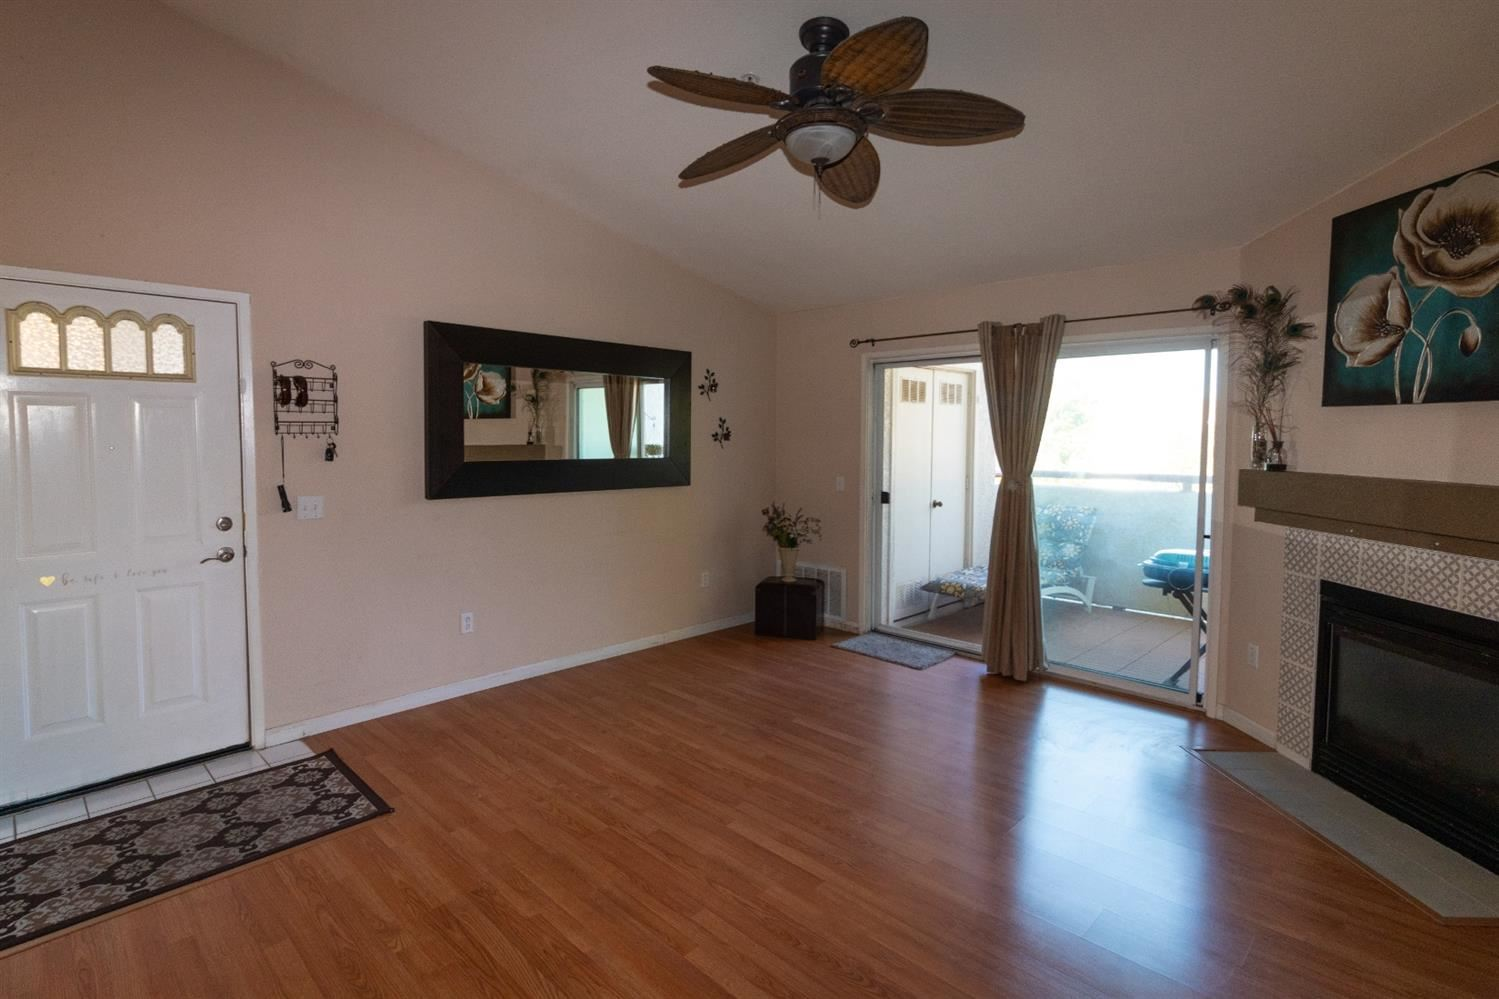 Photo of 8020 Walerga Road #1276, Antelope, CA 95843 (MLS # 20063998)